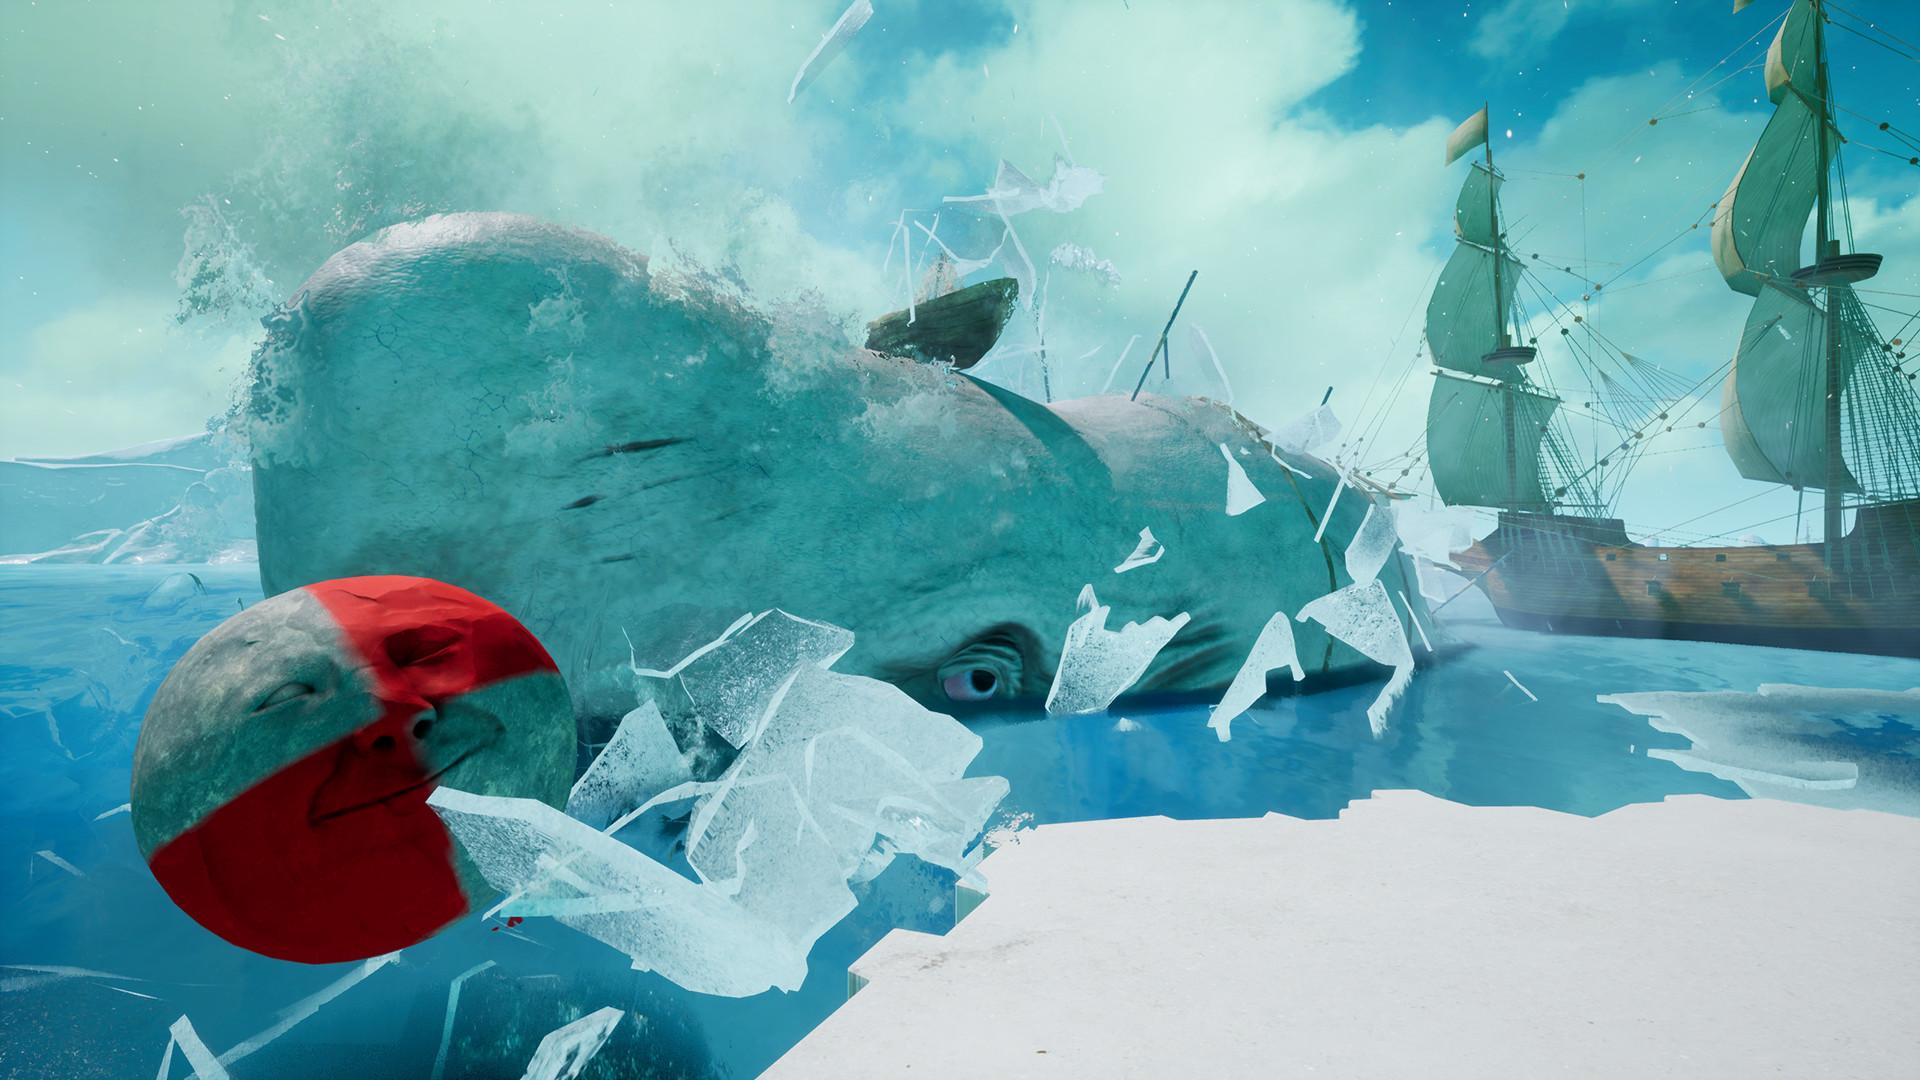 世纪之石3:制造与破坏/Rock of Ages 3: Make & Break插图1